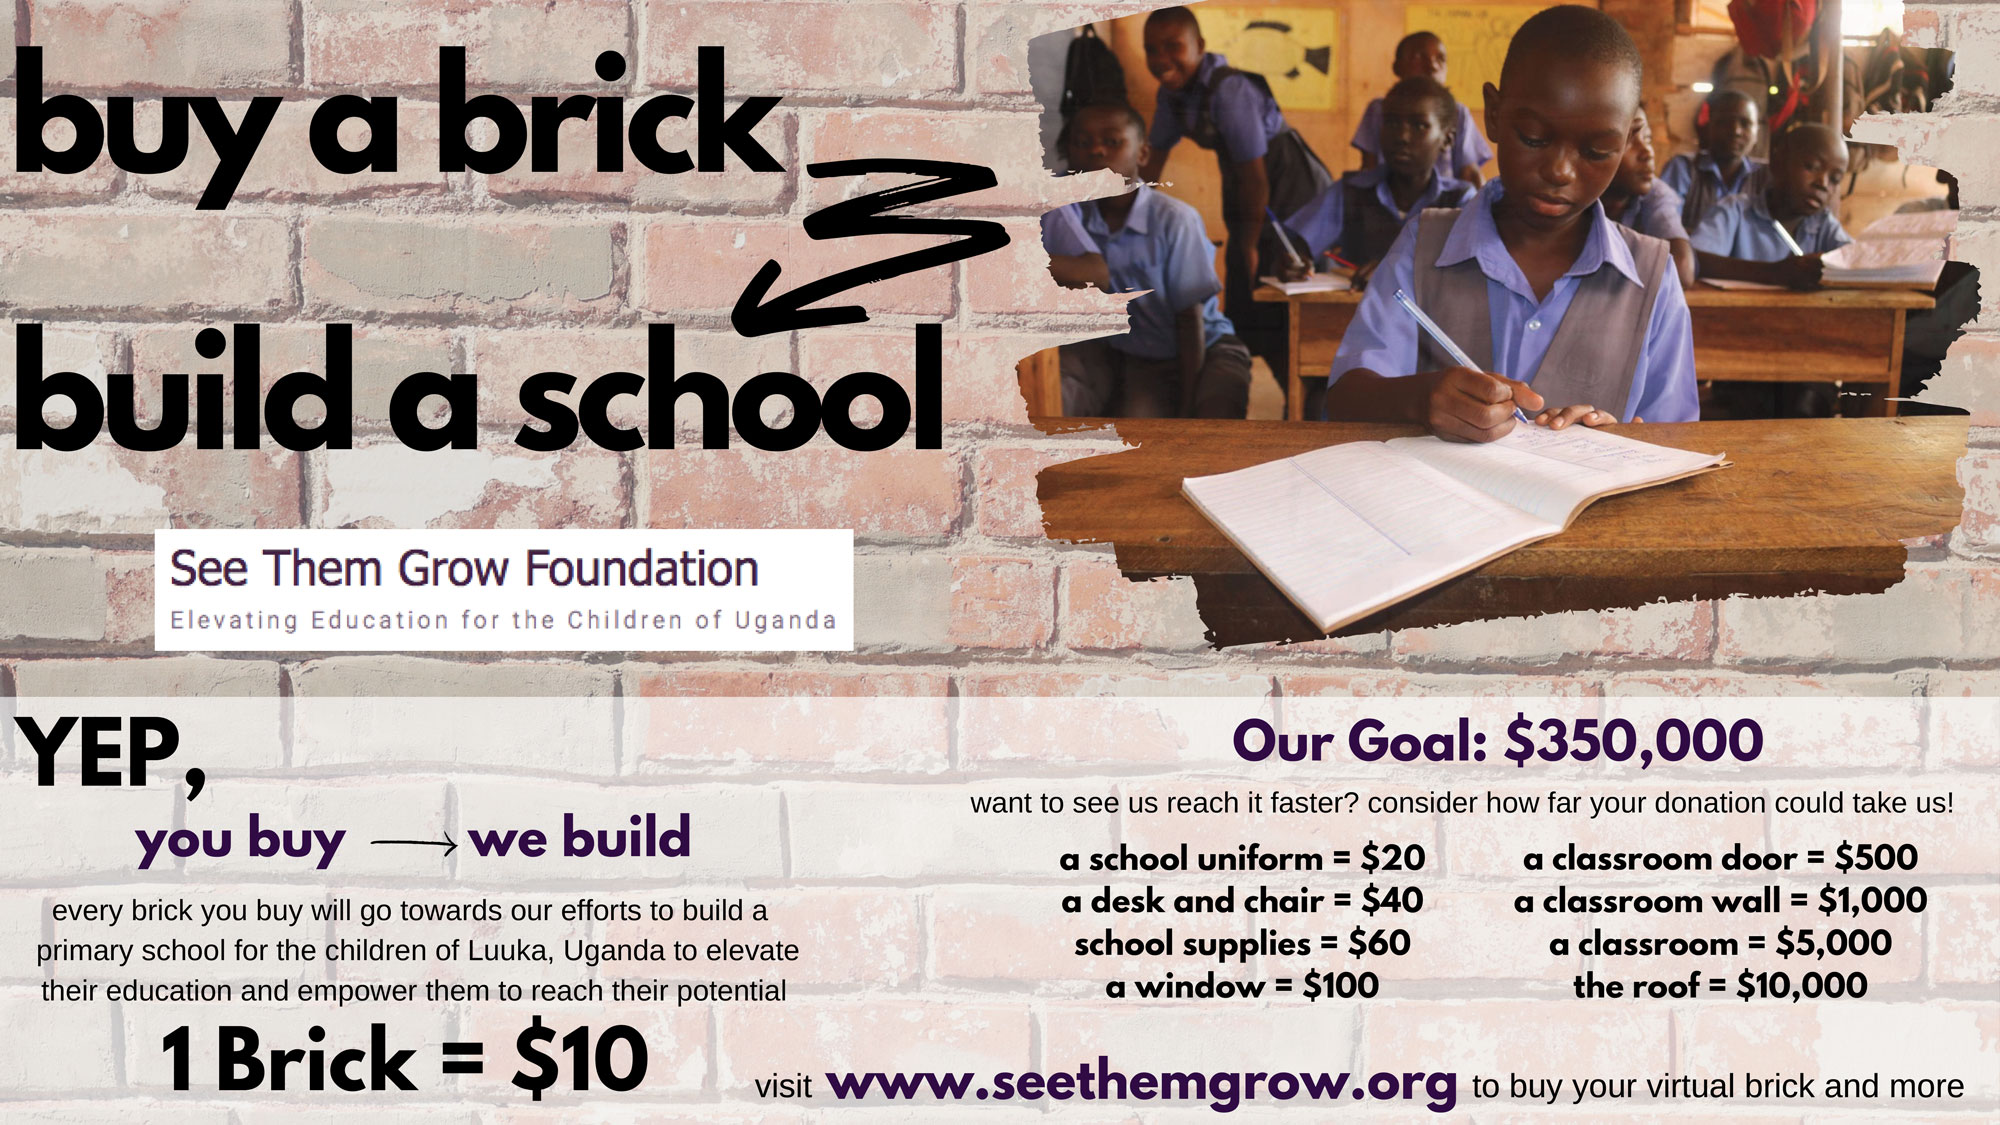 Buy a Brick build a School